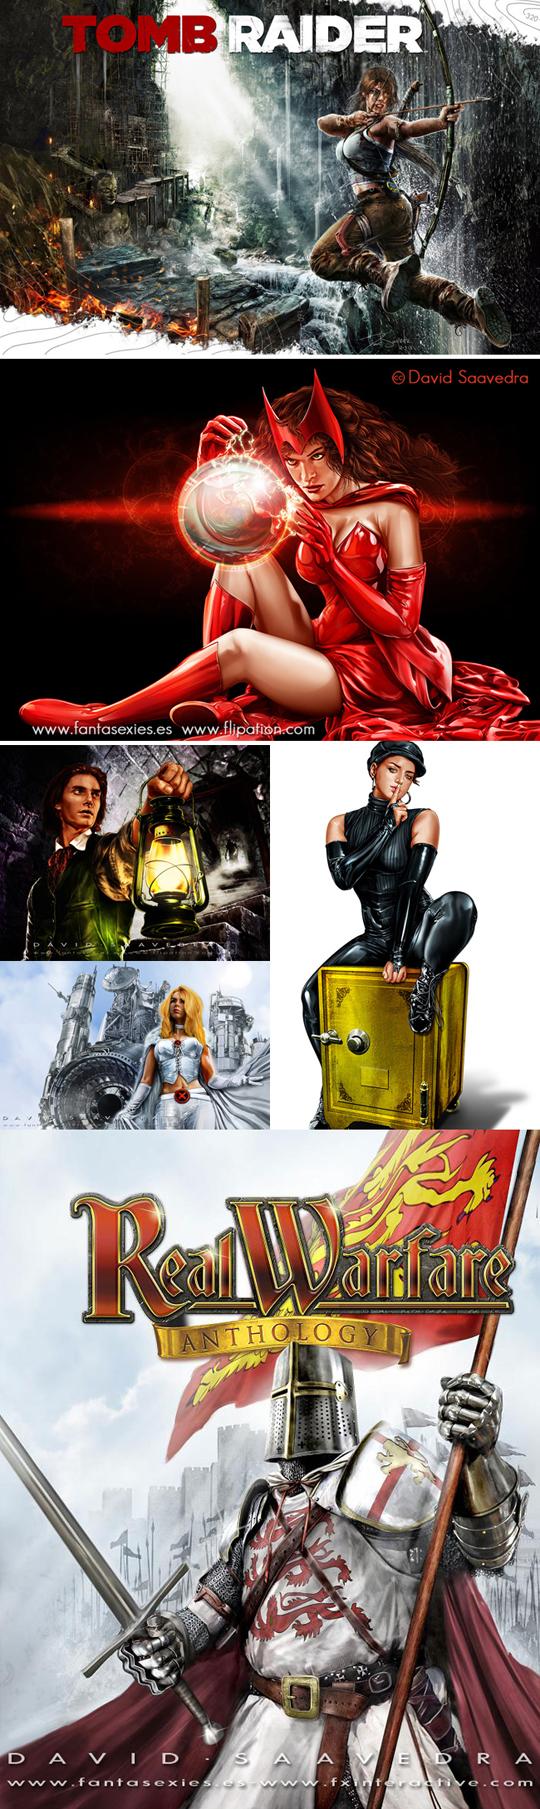 David-Saavedra-ilustracion-digital-trabajos-portadas-videojuegos-carlos